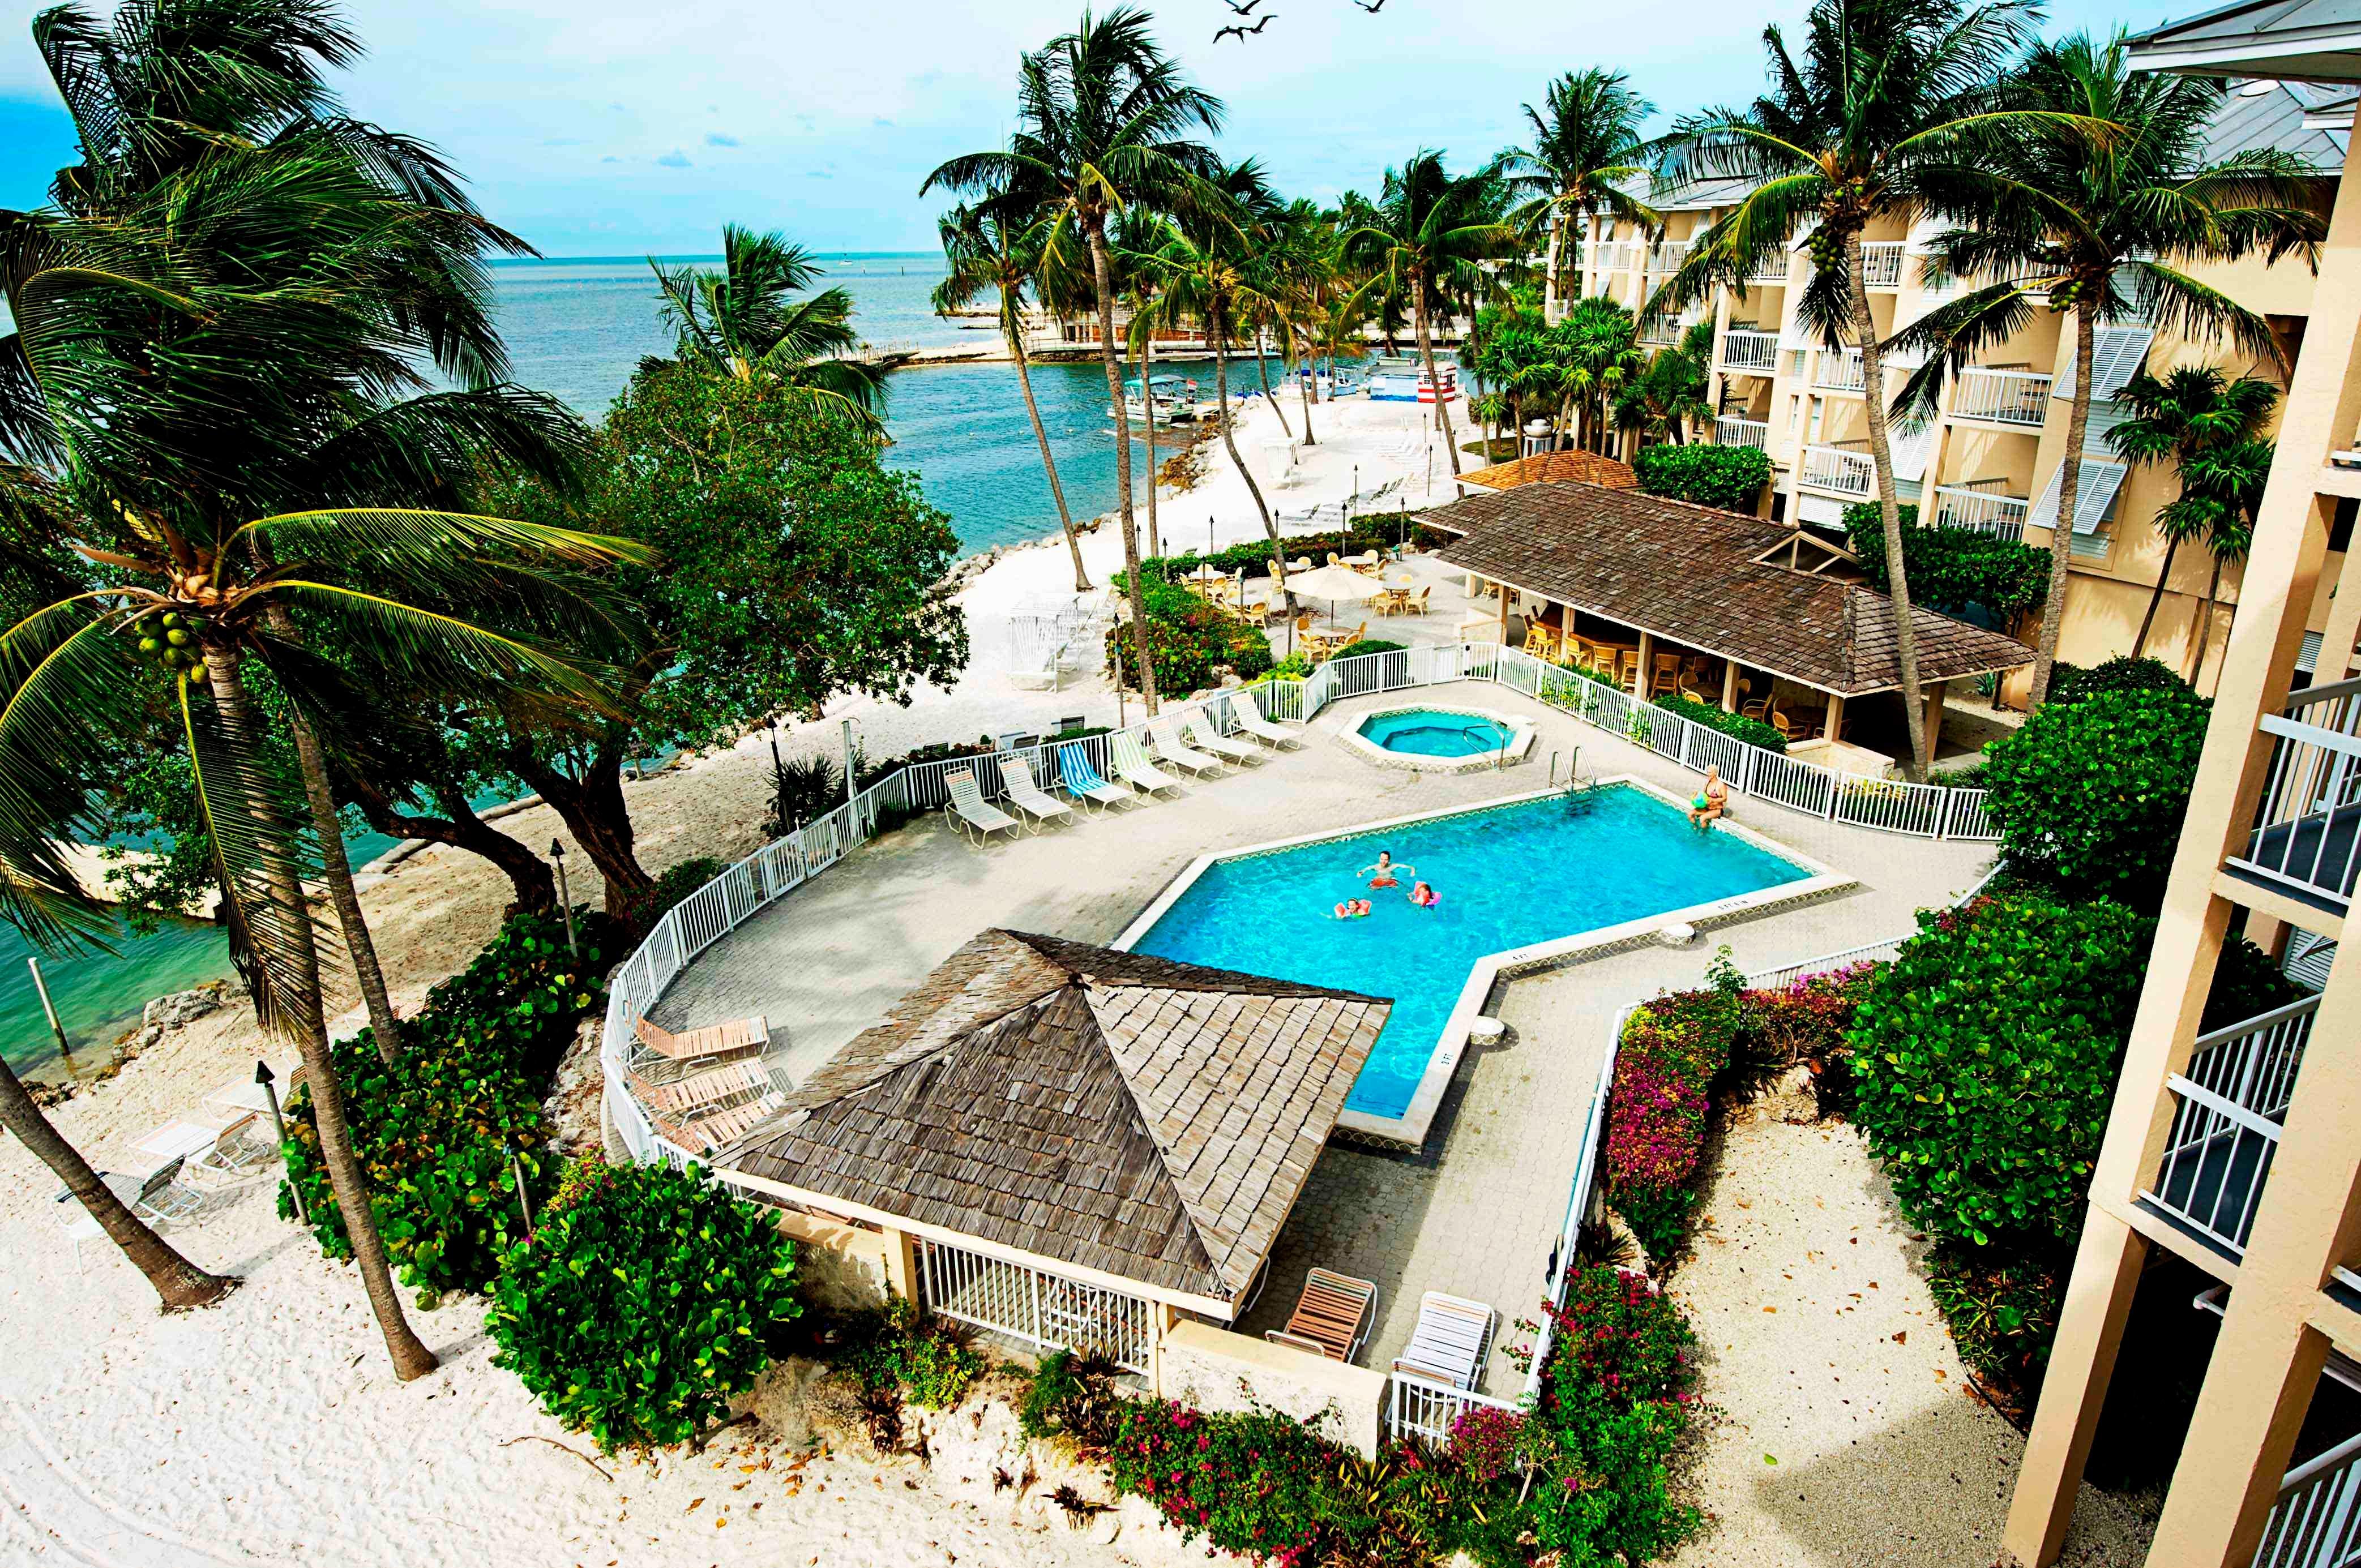 Restaurants In Islamorada Florida Keys 1